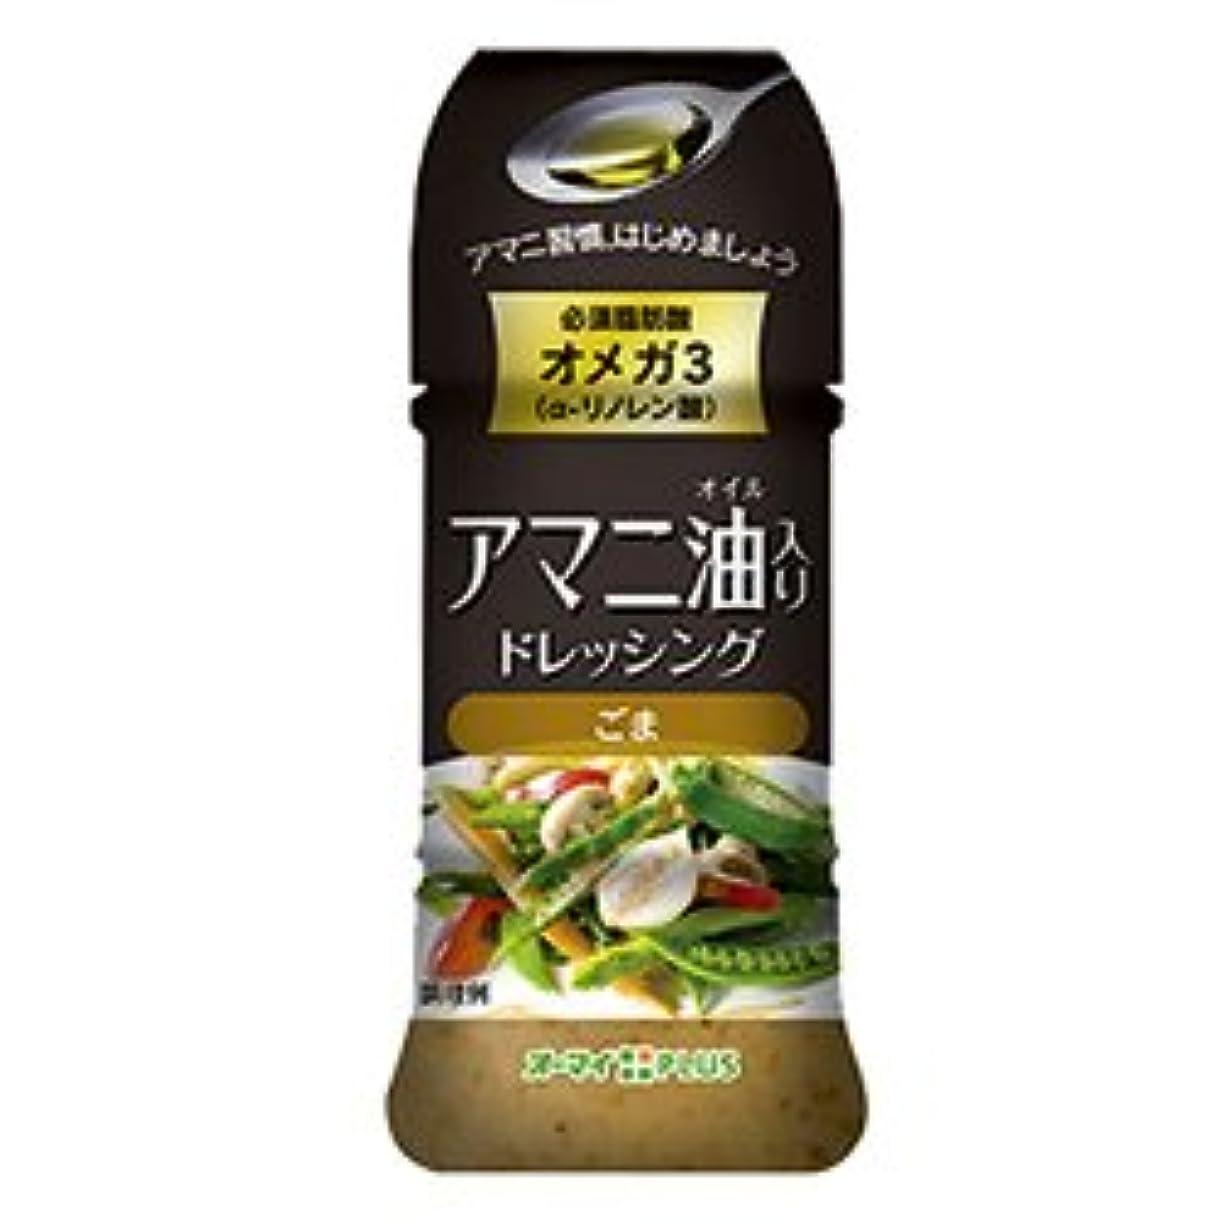 コントローラ足音つまらないアマニ油ドレッシング ごま【5本セット】日本製粉